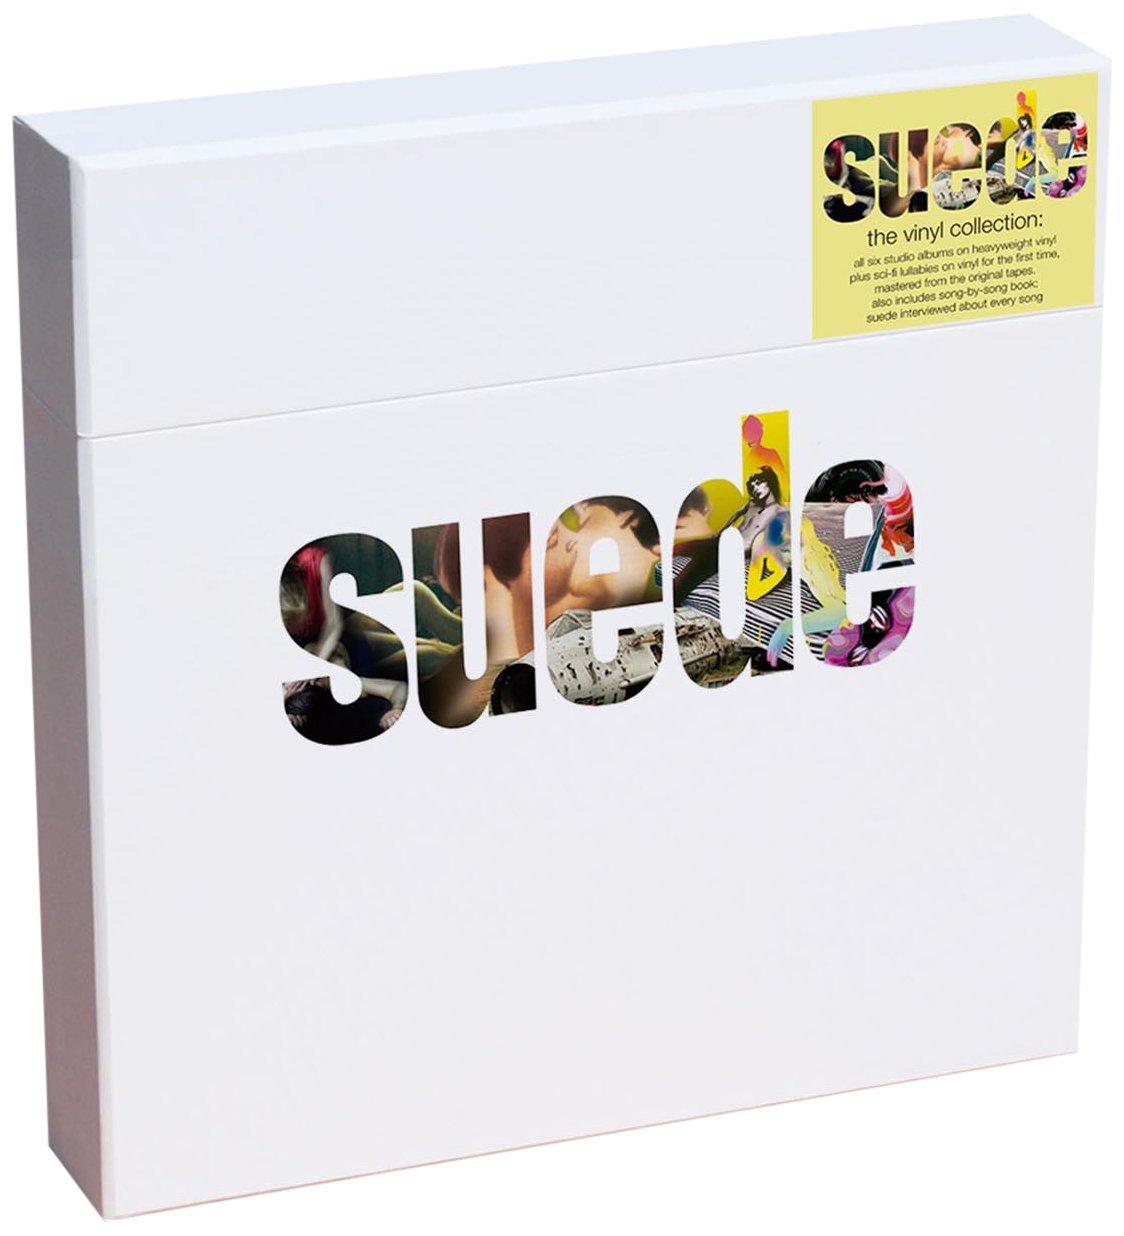 Suede vinyl collection price drop